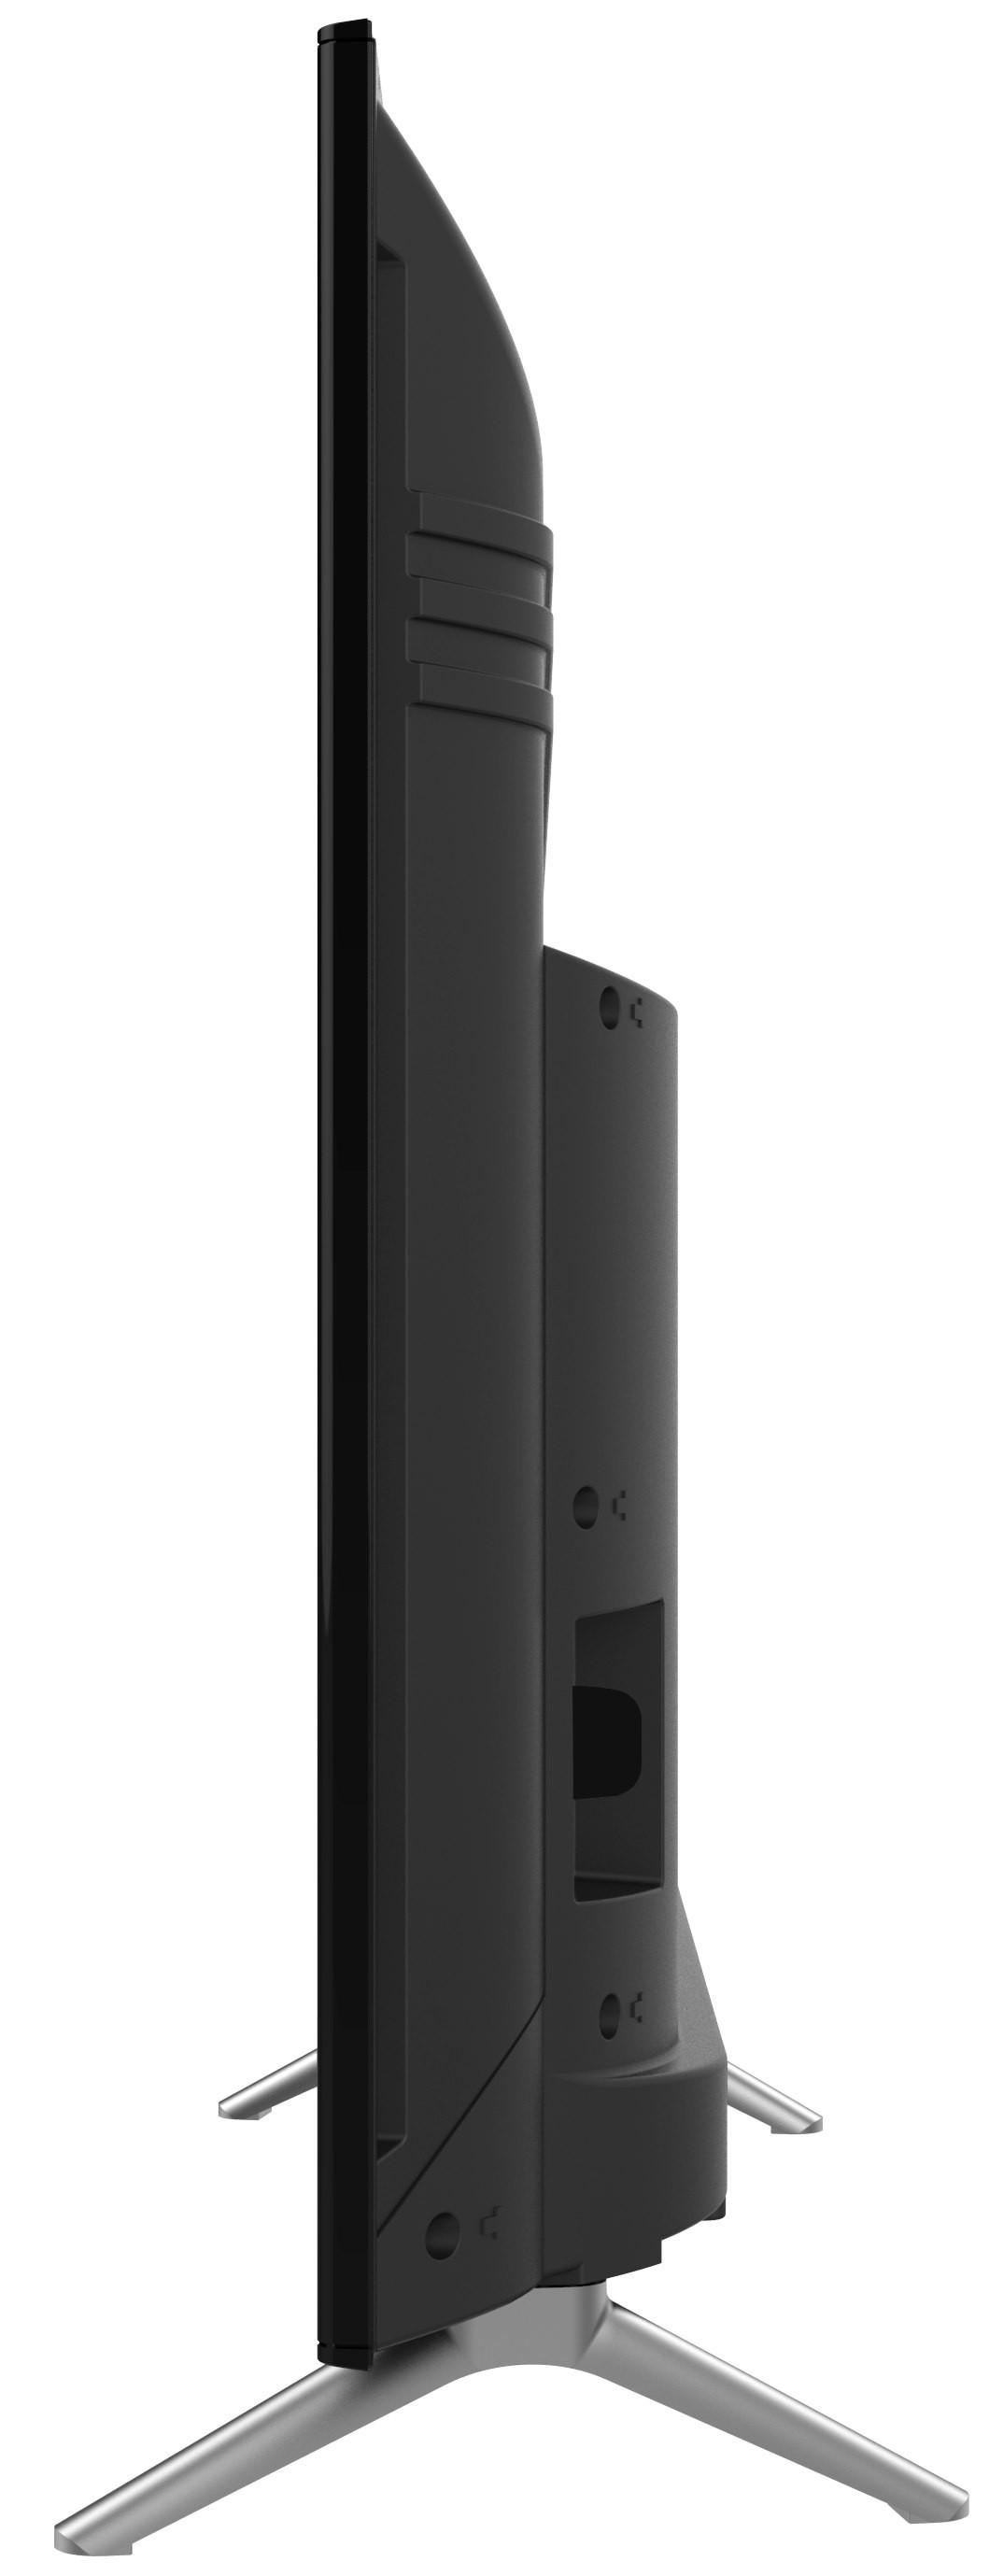 инструкция на tcl smart 3d android